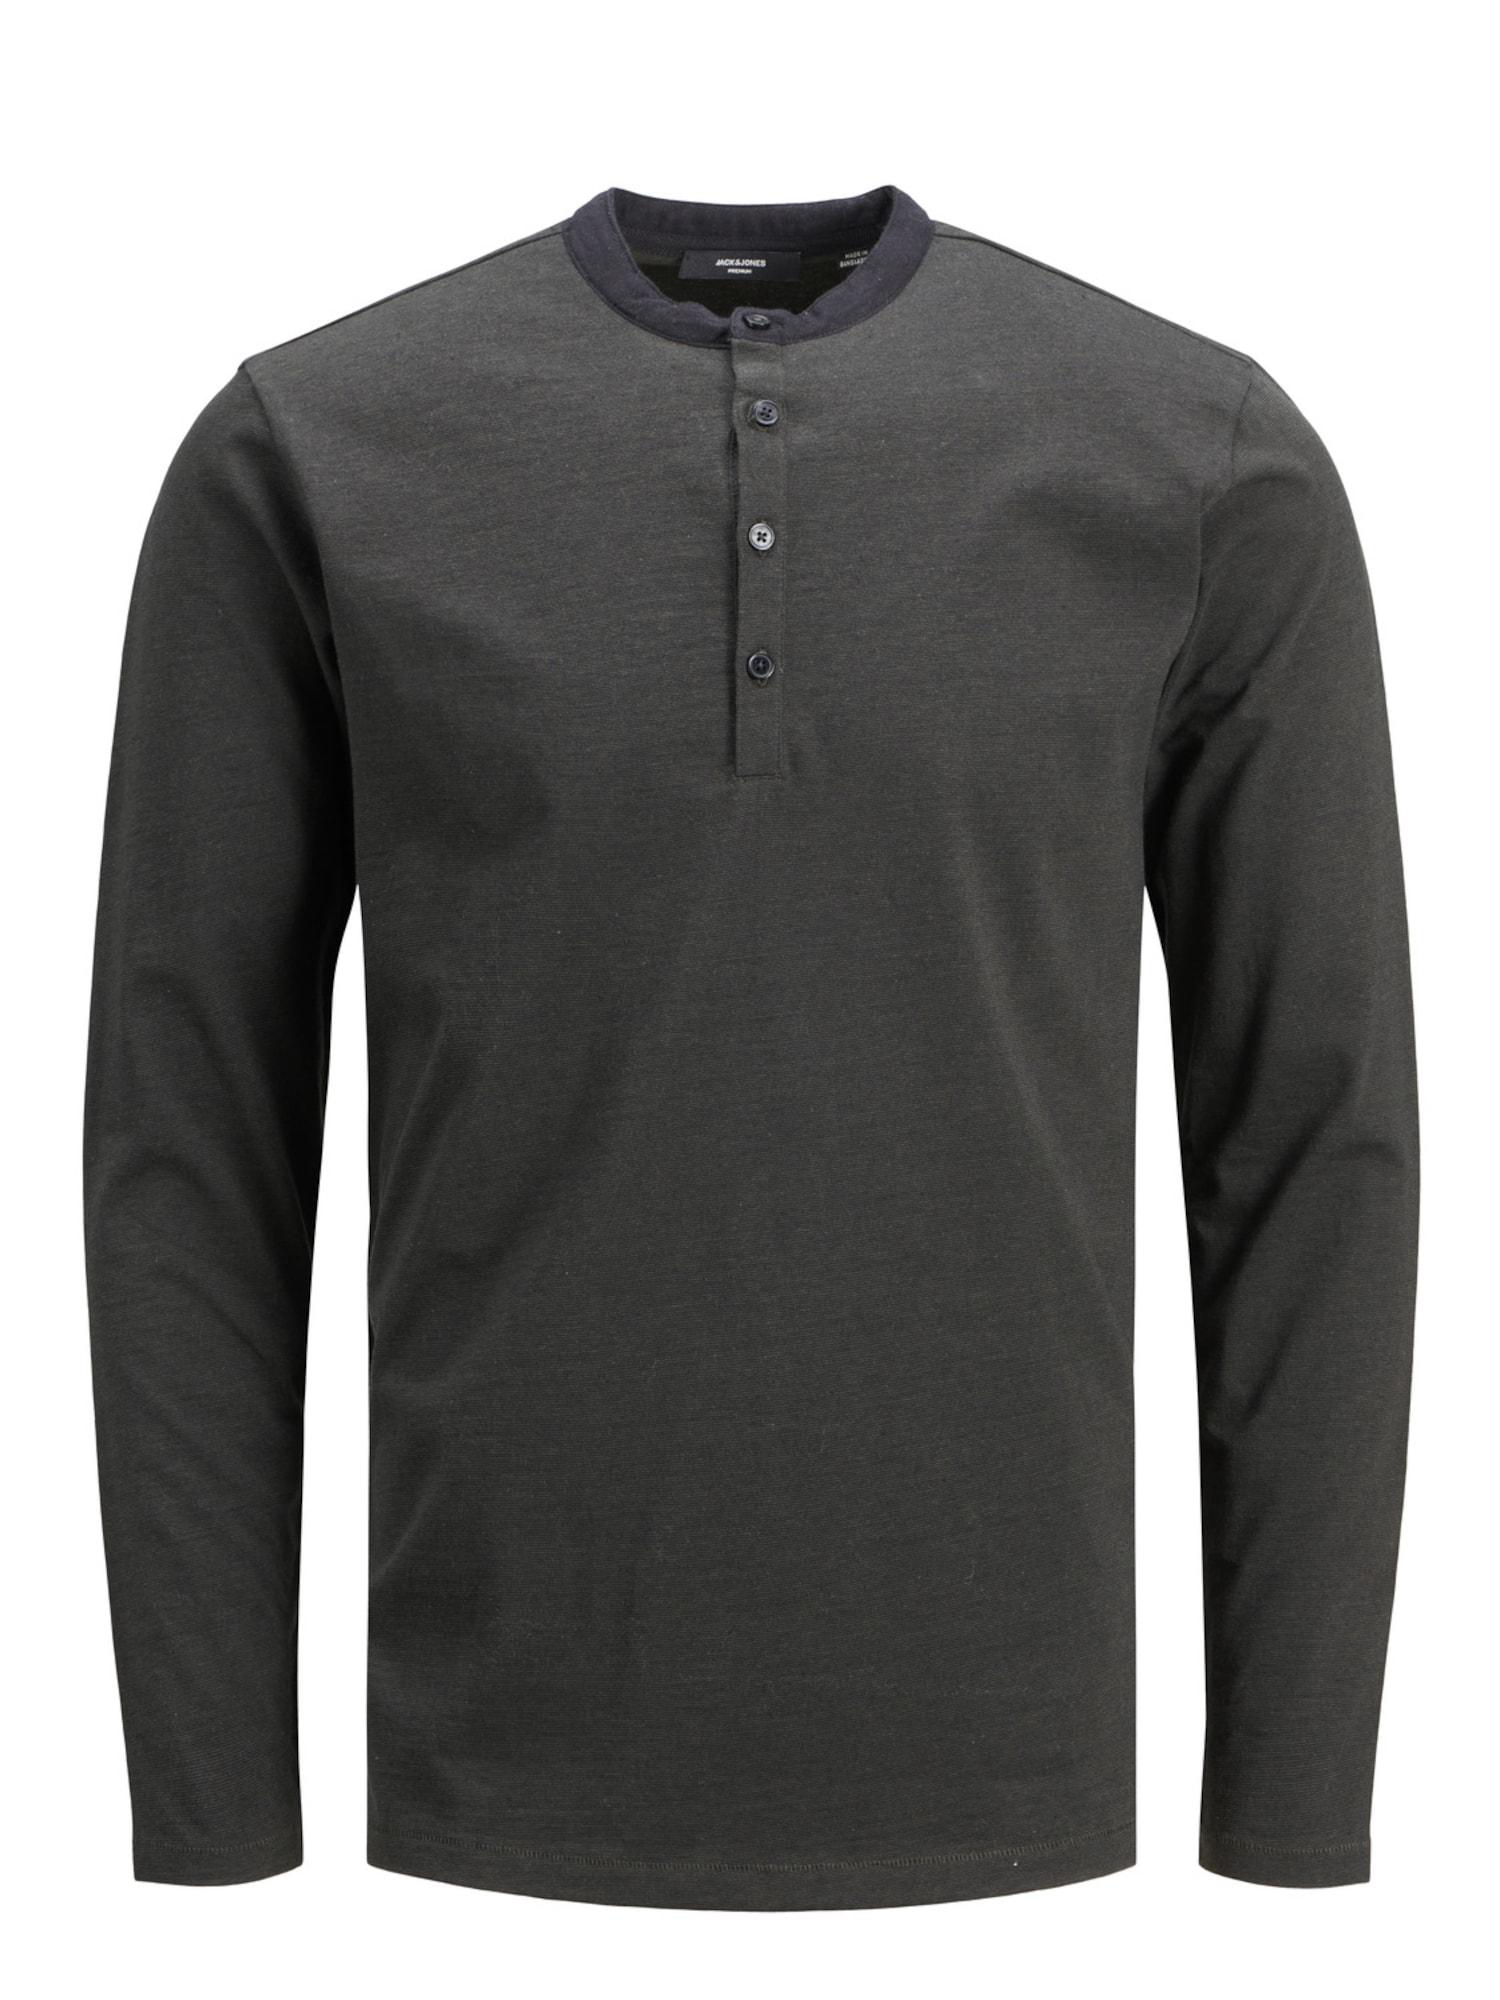 JACK & JONES Marškinėliai tamsiai ruda